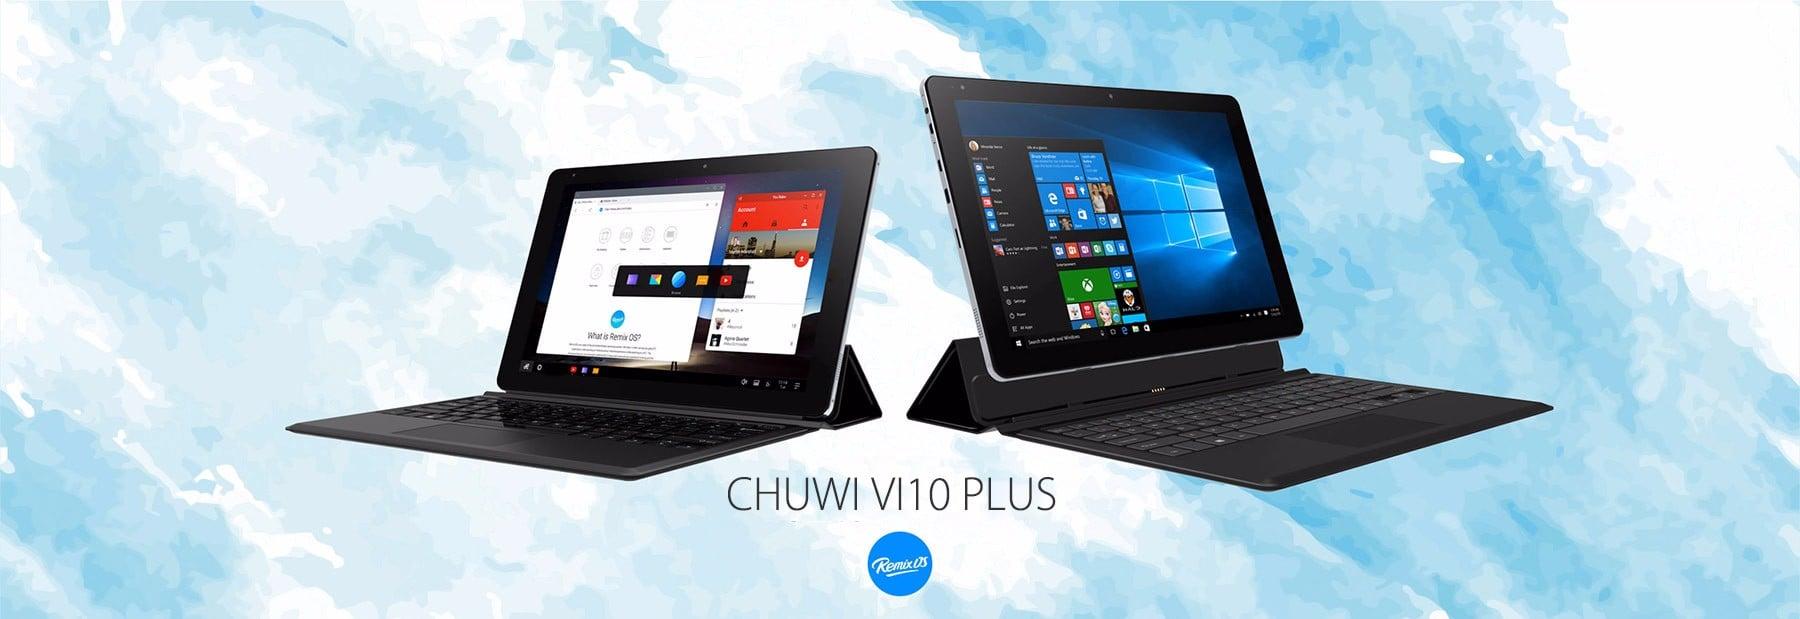 Chuwi Vi10 Plus